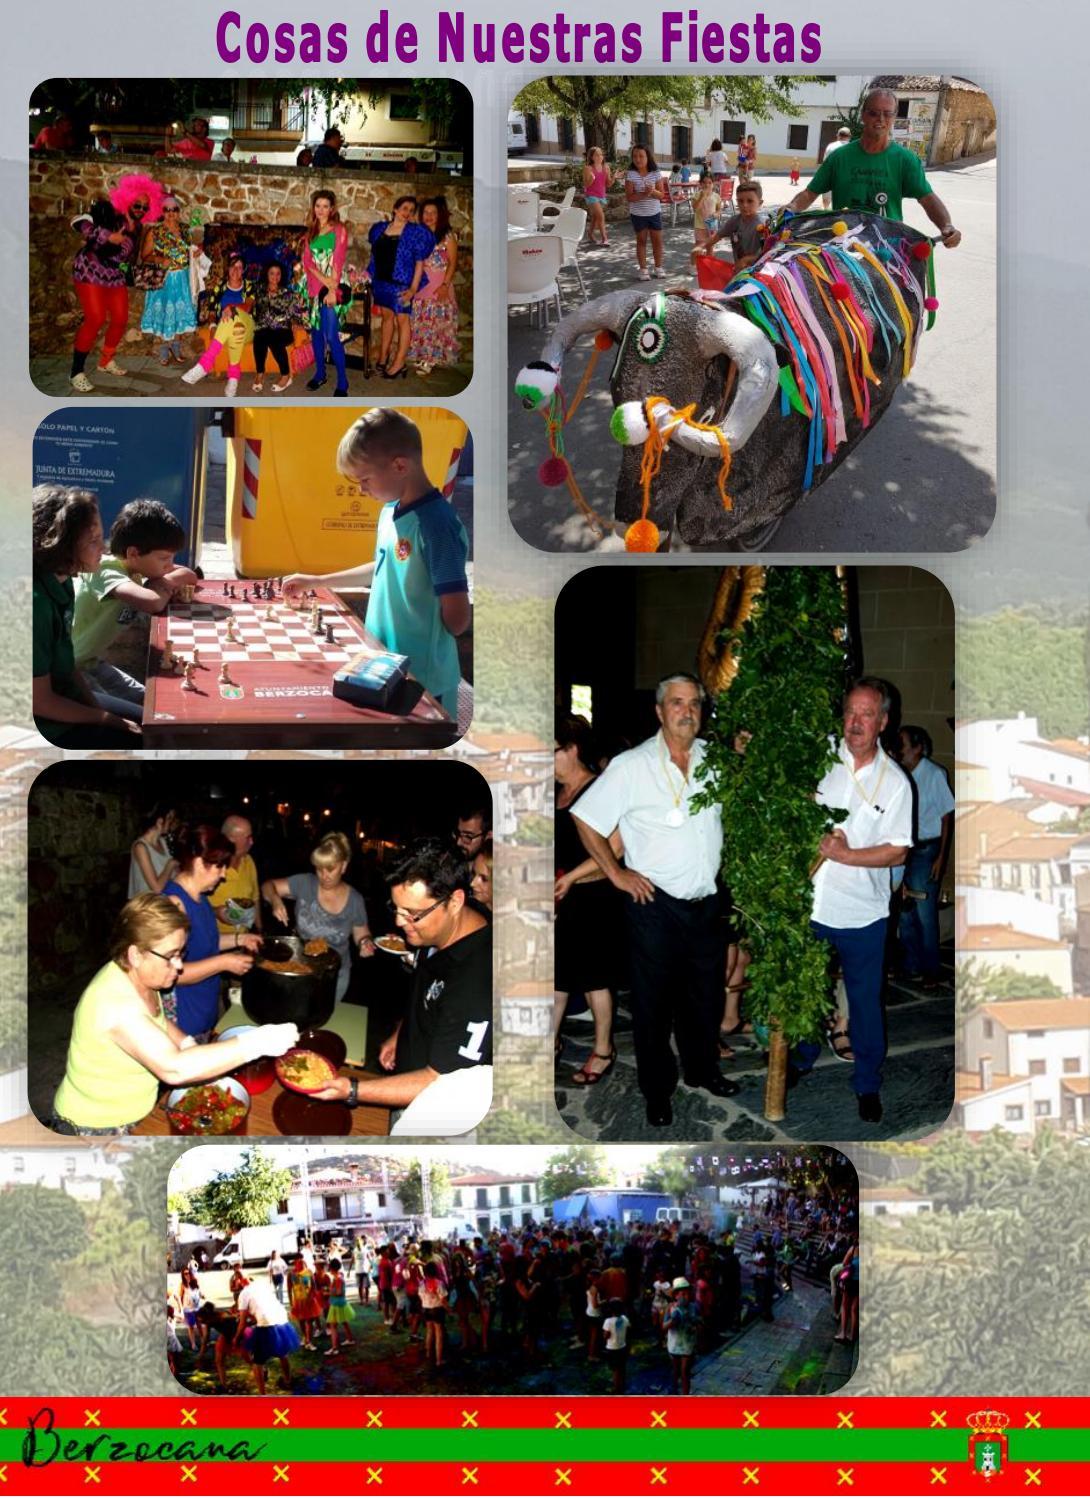 Programa de fiestas en honor a San Fulgencio y Santa Florentina 2018 - Berzocana 19